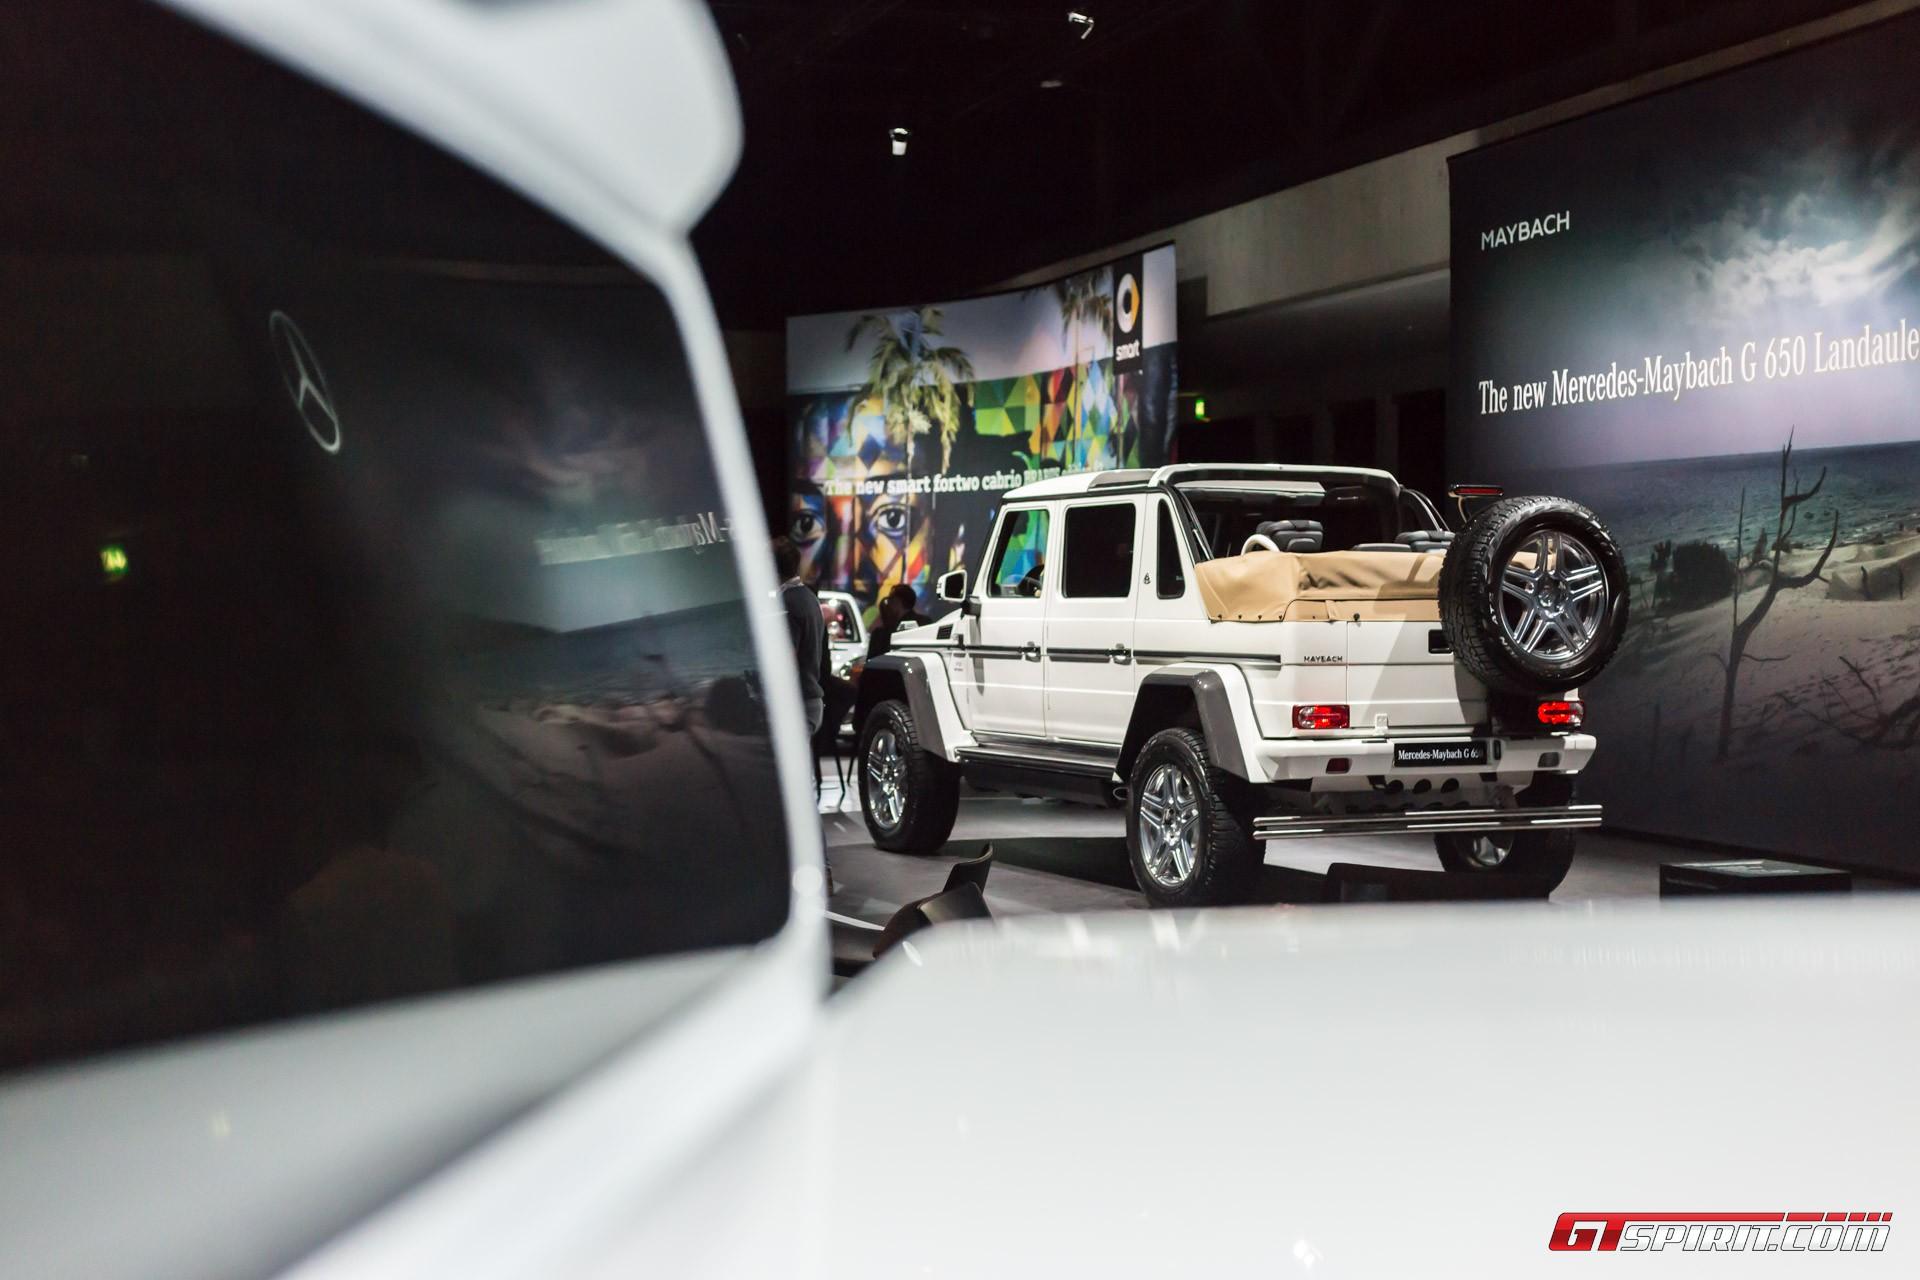 Mercedes benz geneva 2017 media preview article mon 06 for Mercedes benz maybach g650